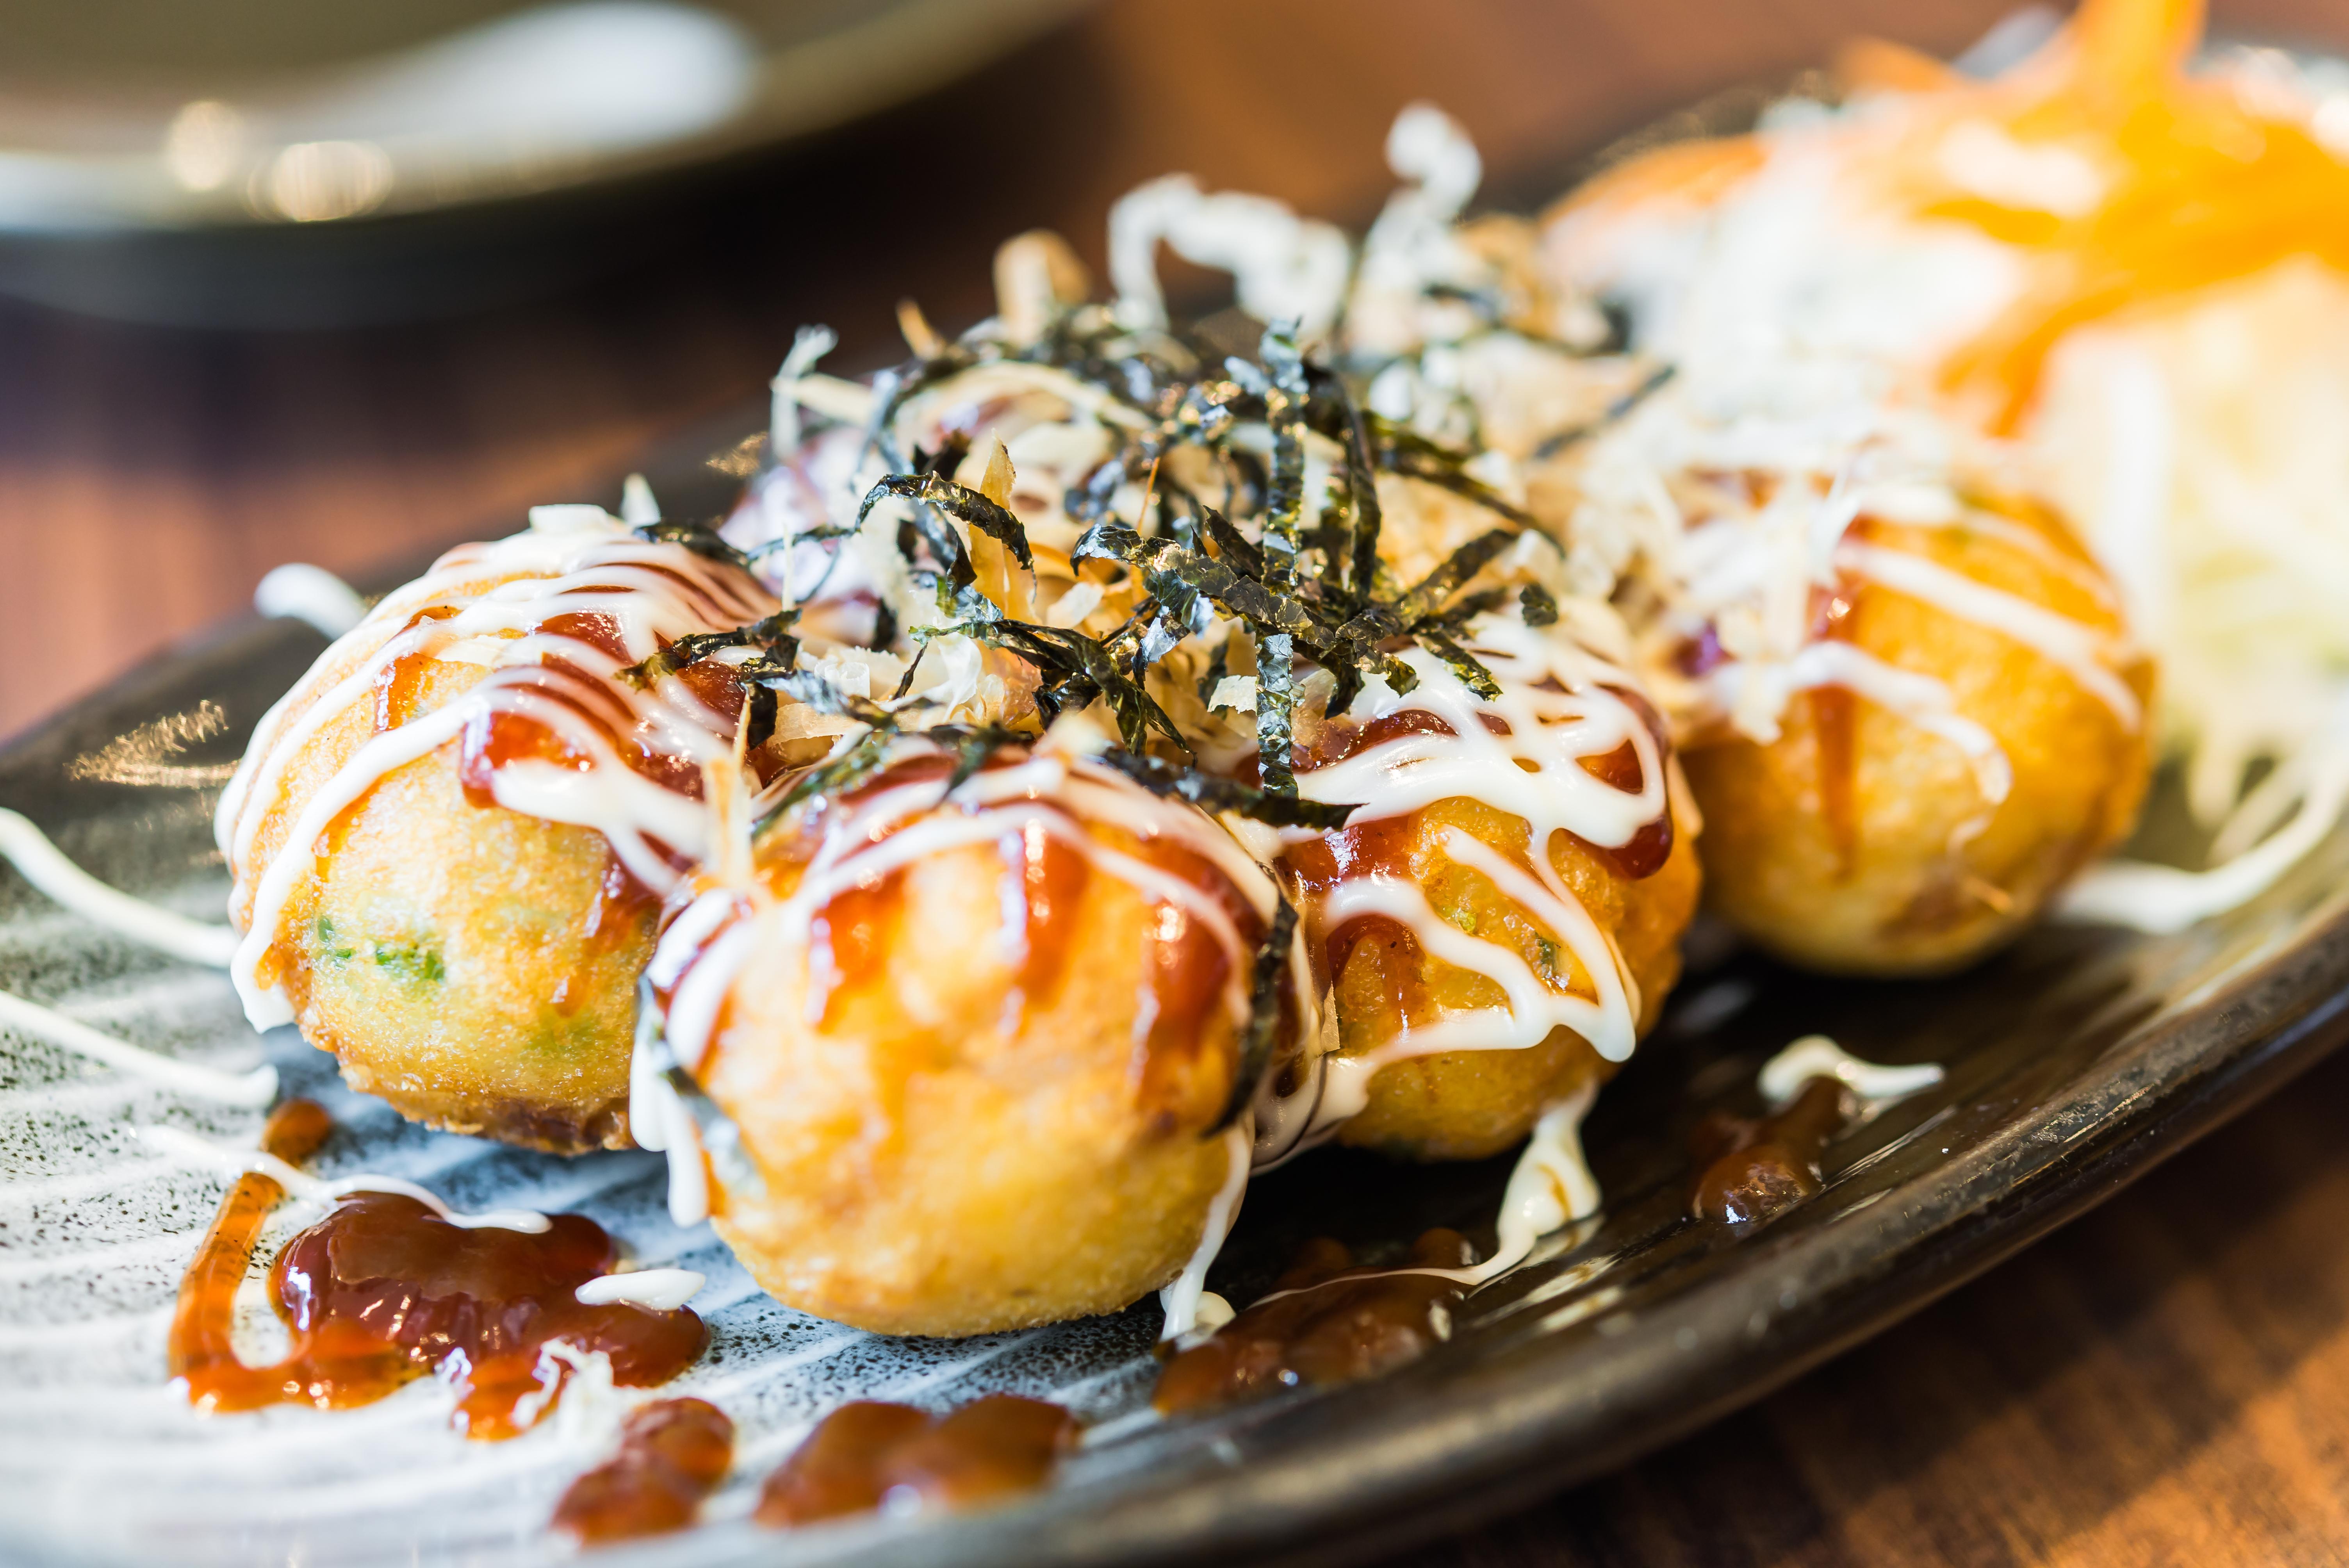 A traditional take on takoyaki